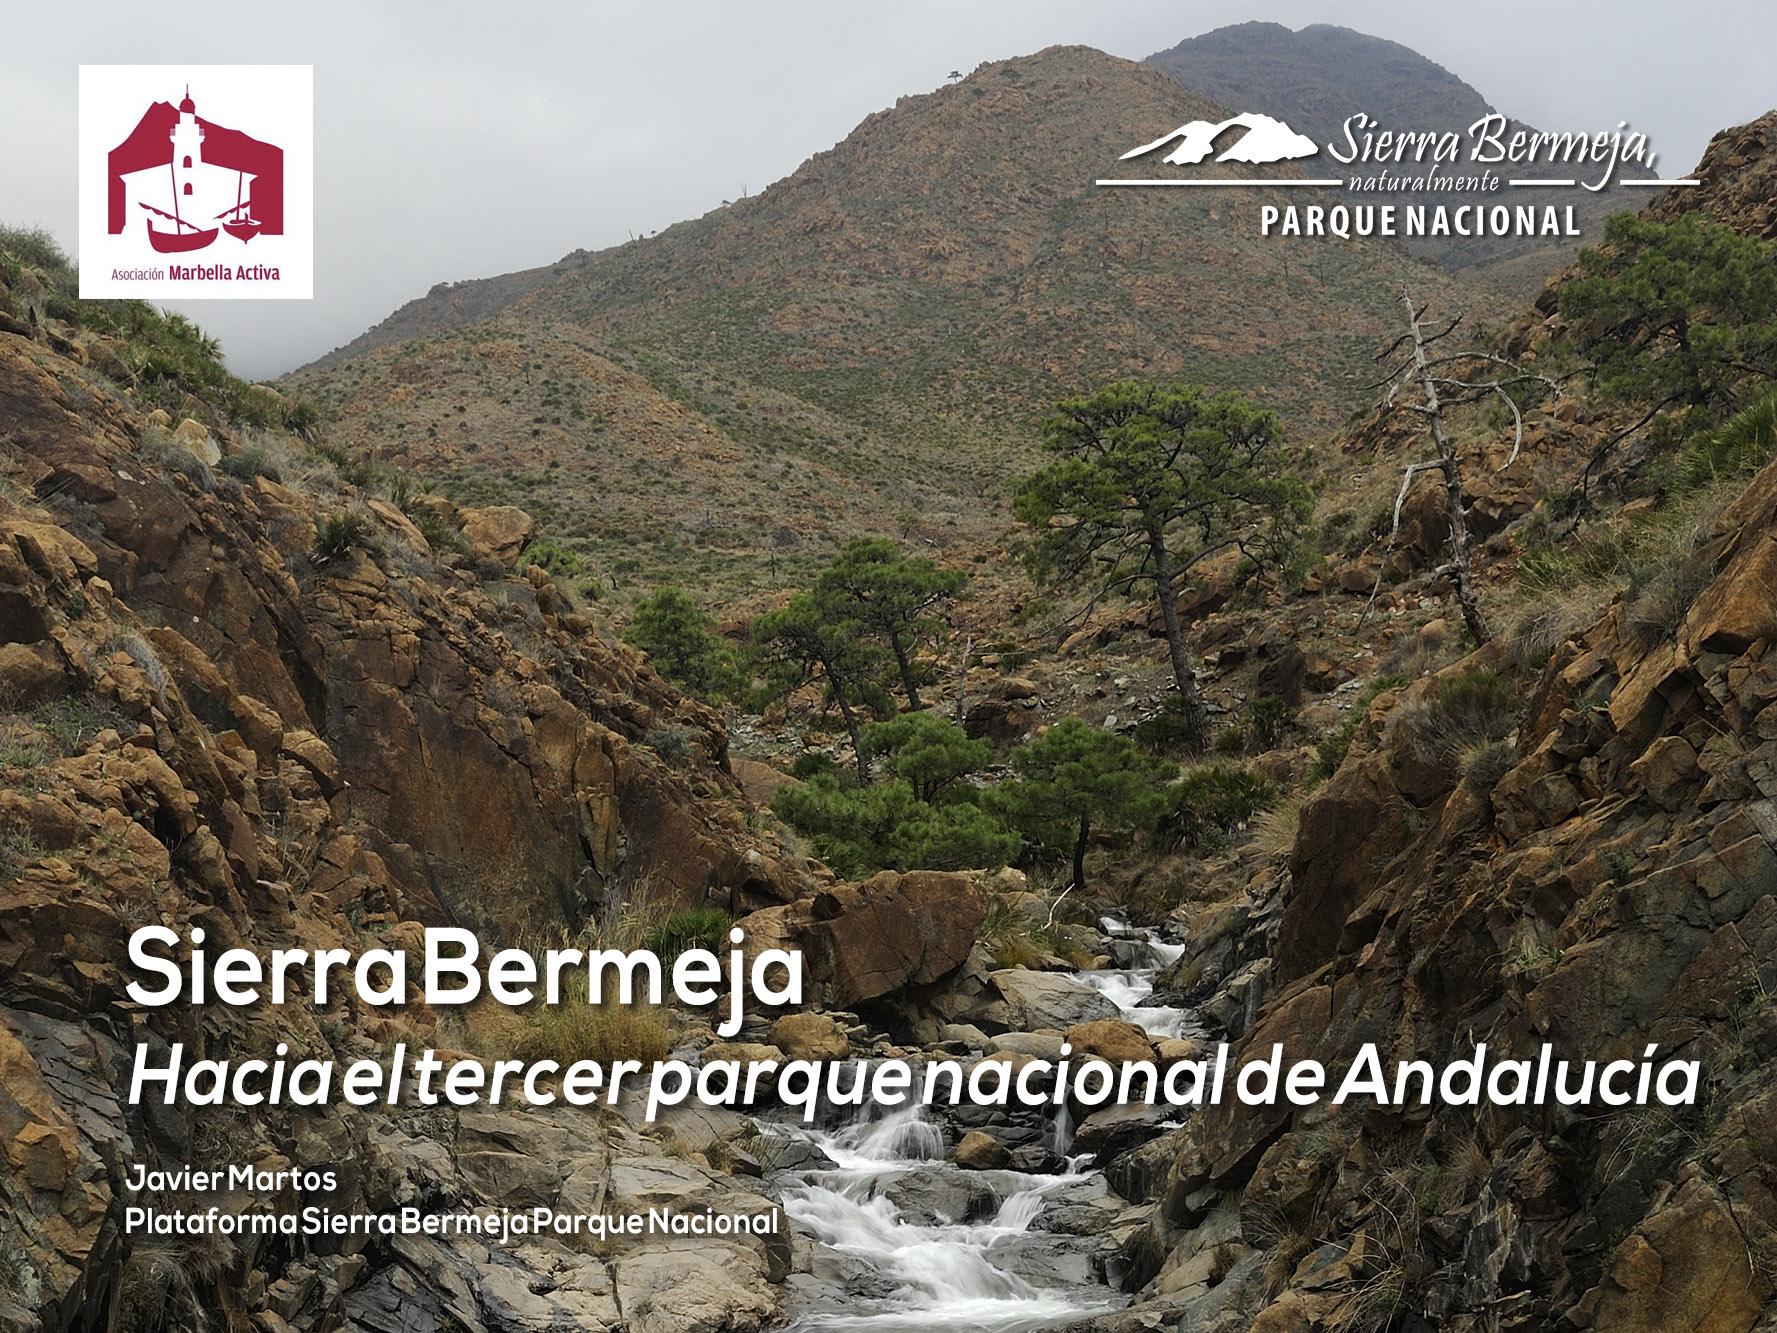 Conferencia en Marbella sobre Sierra Bermeja